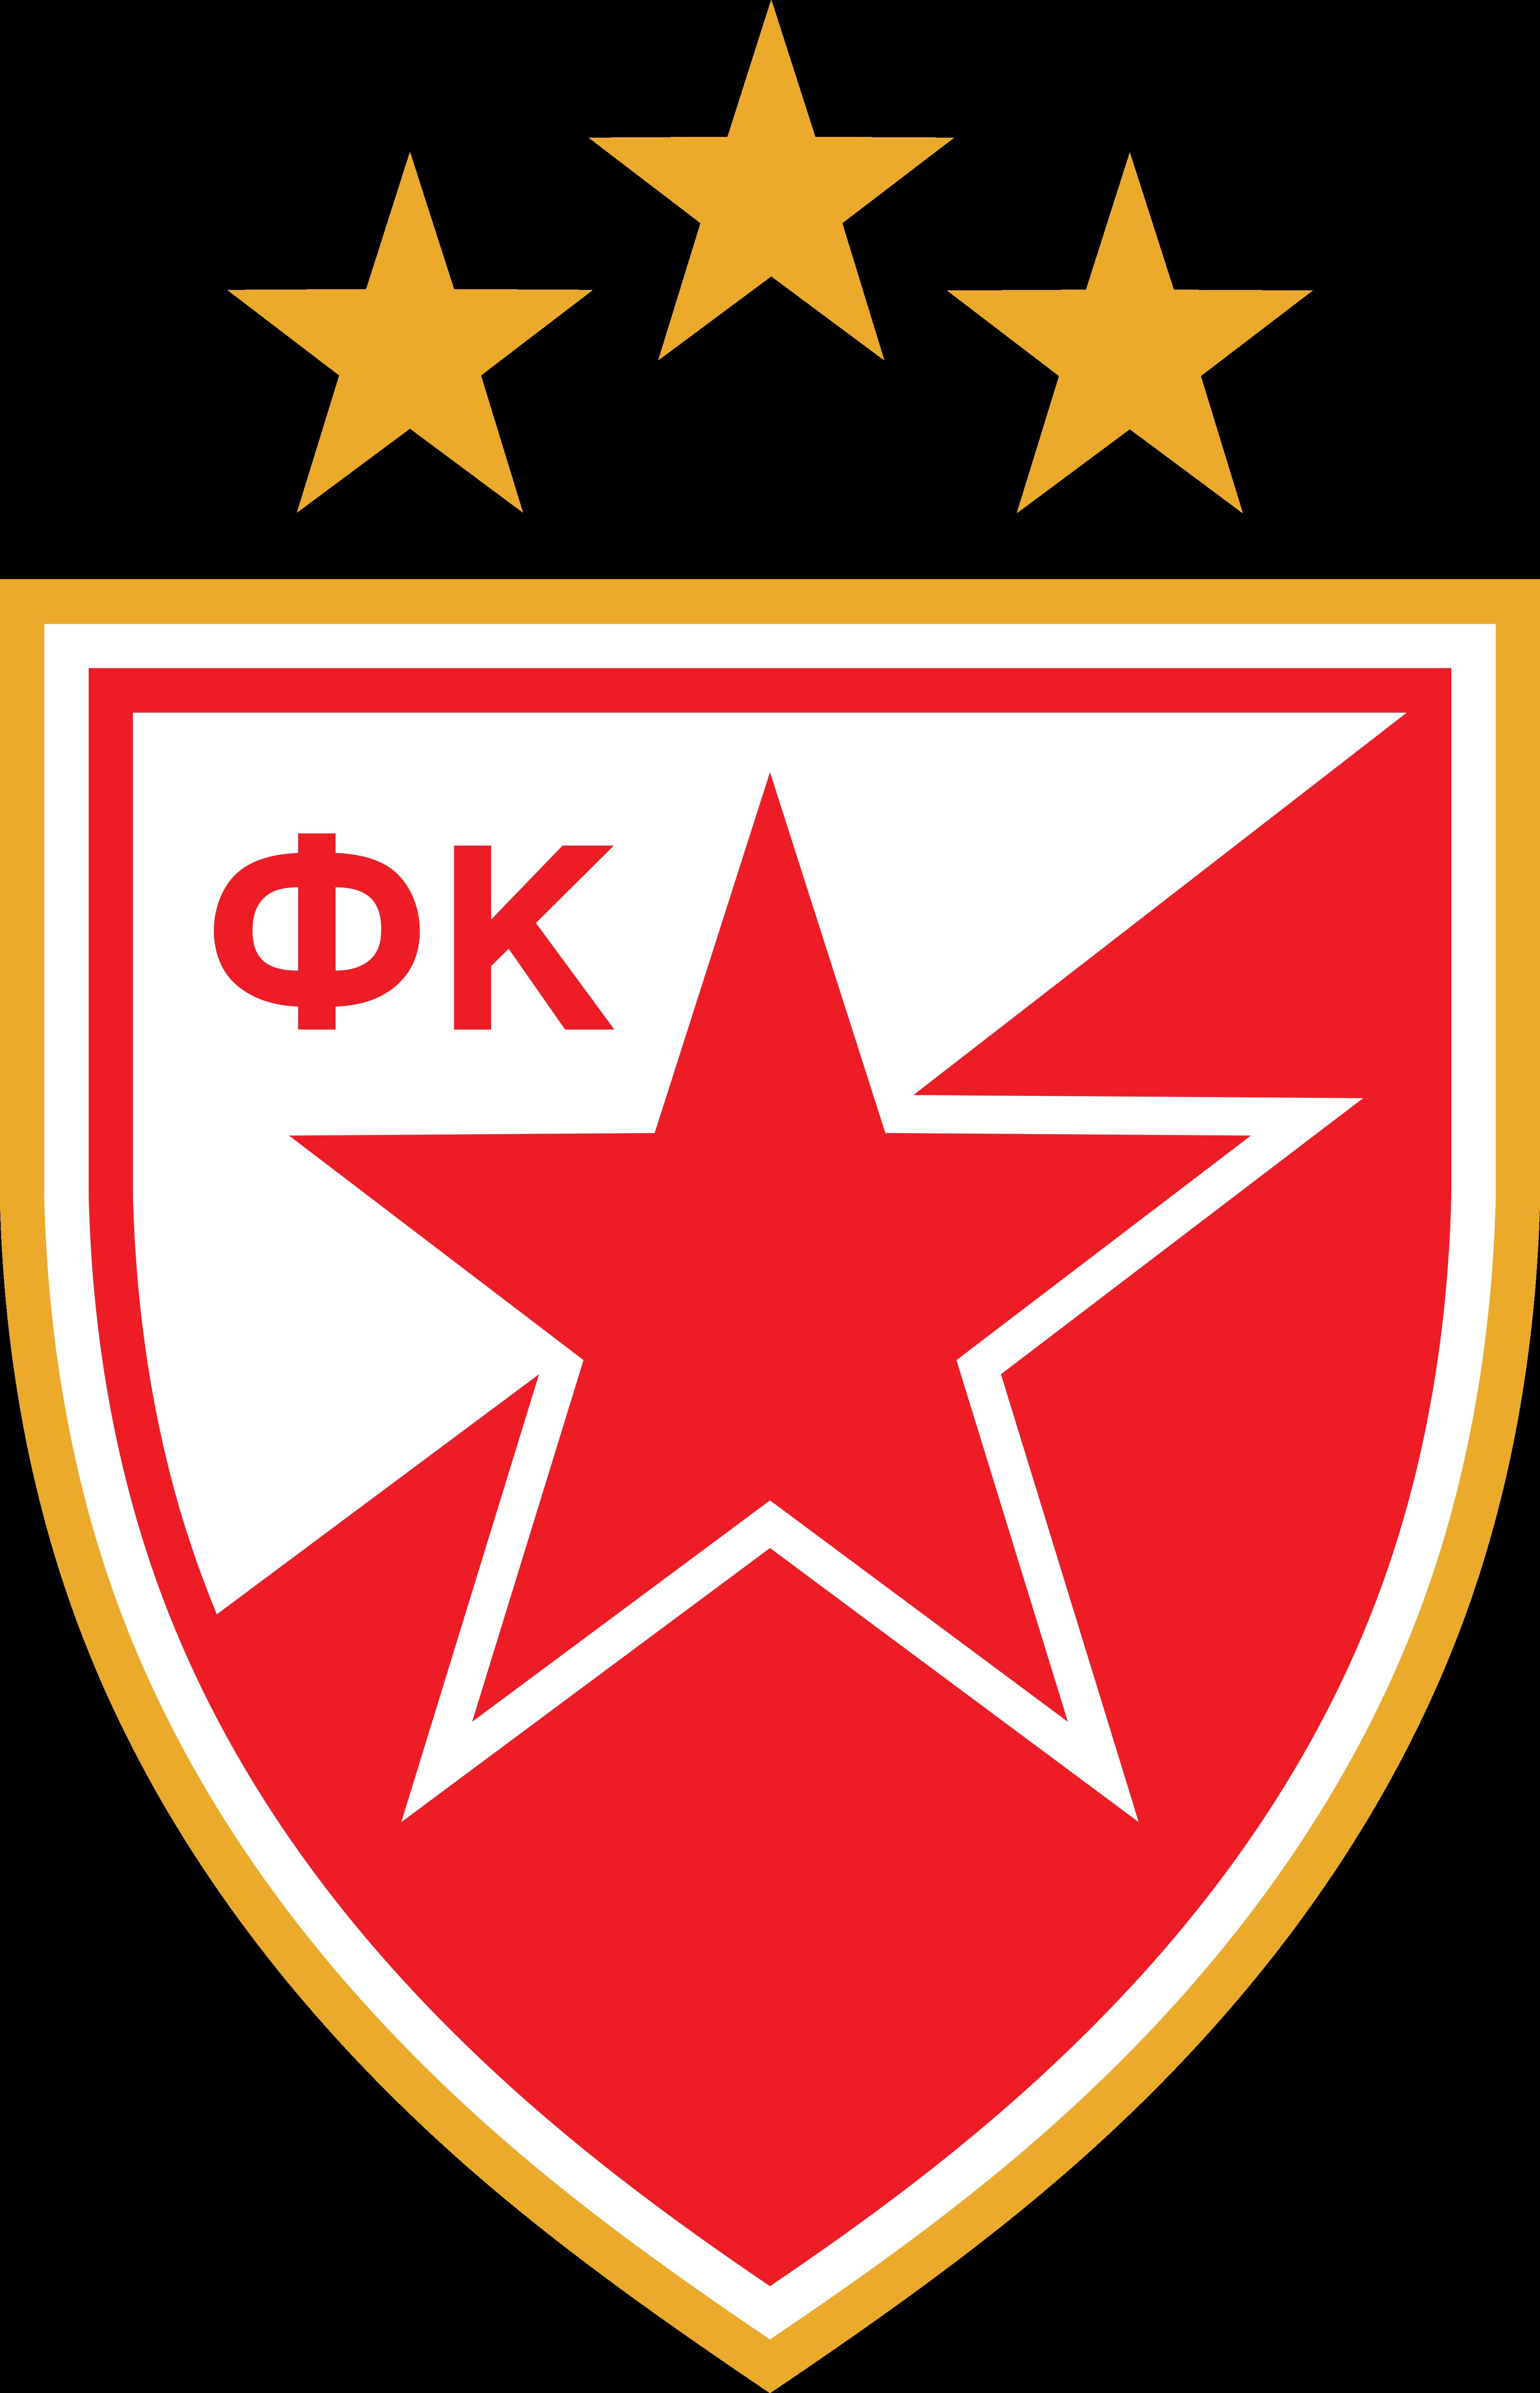 crvena zvezda logo - FK Crvena zvezda - Red Star Belgrade - Logo